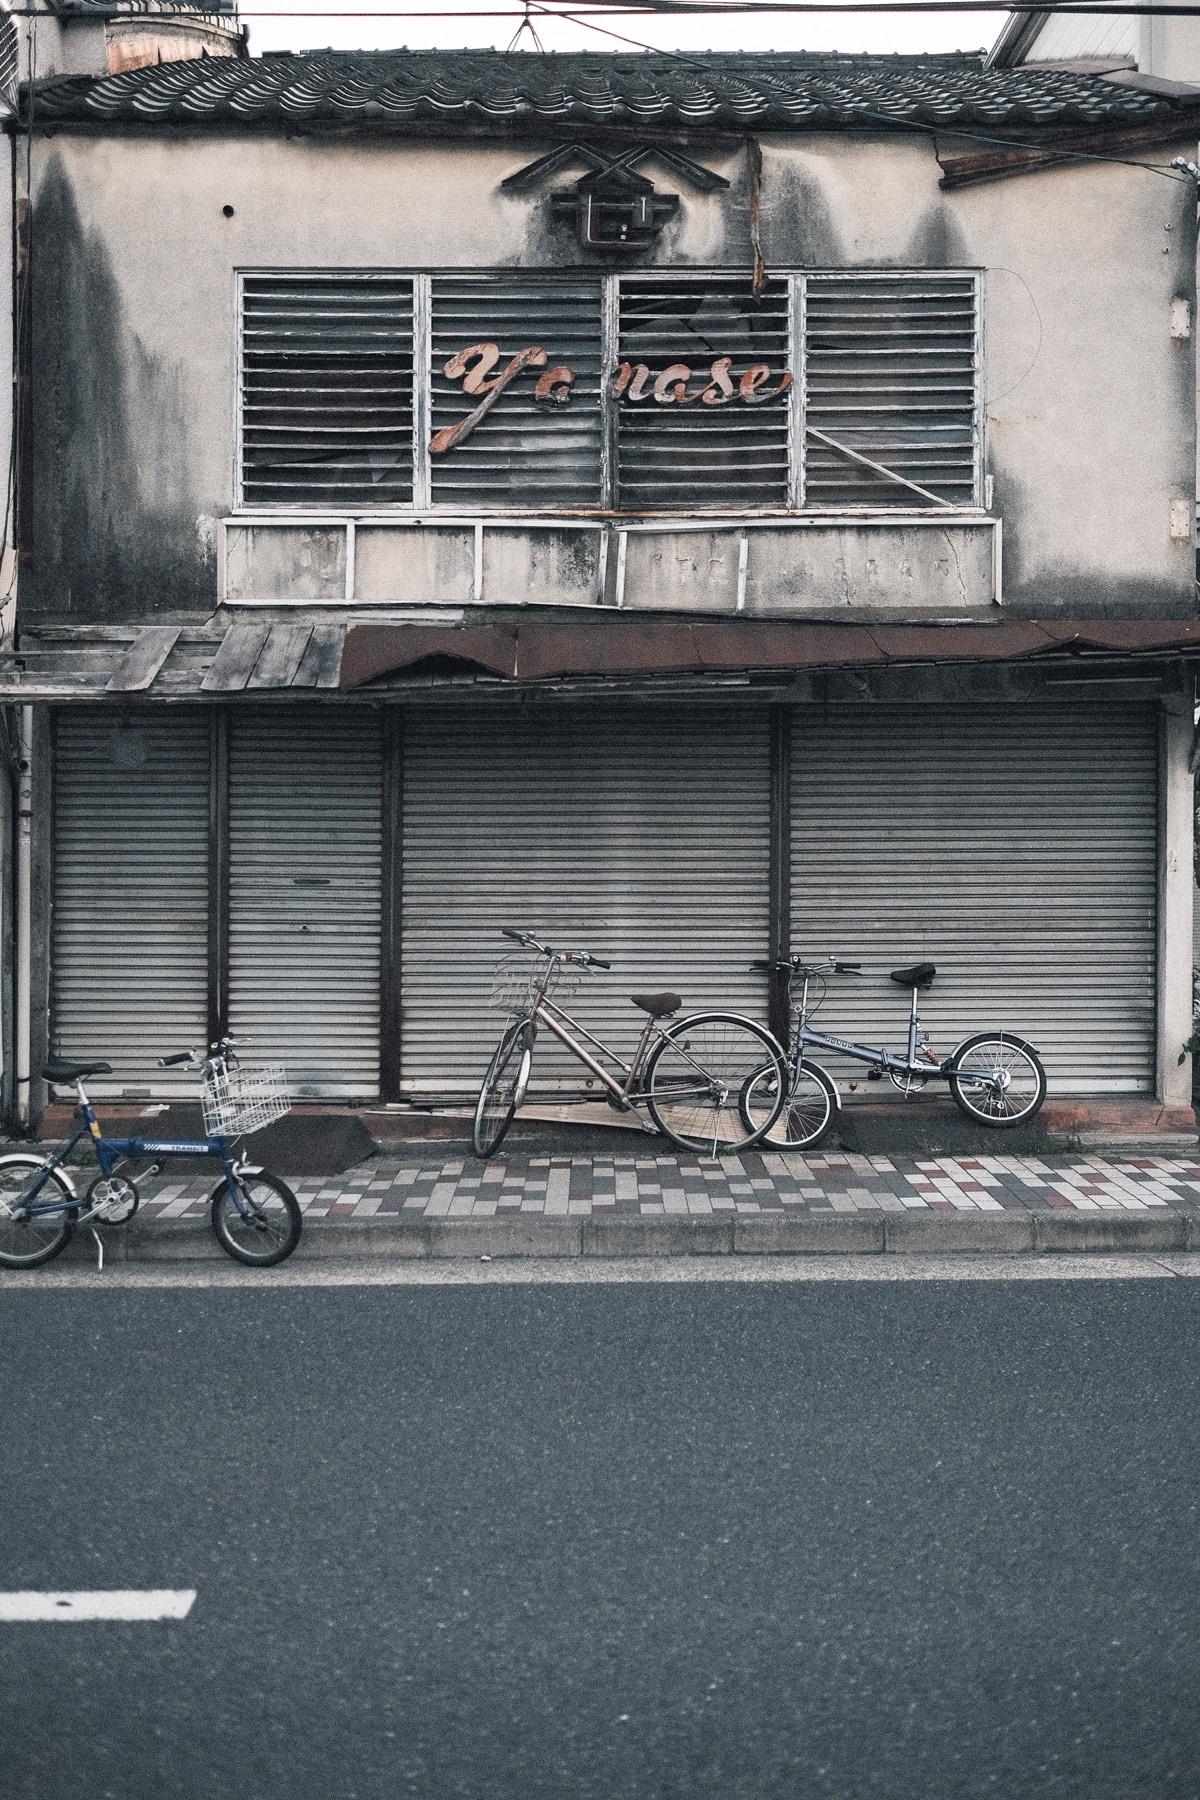 Kinlake-Kyoto-Lifestyle-2018-8476